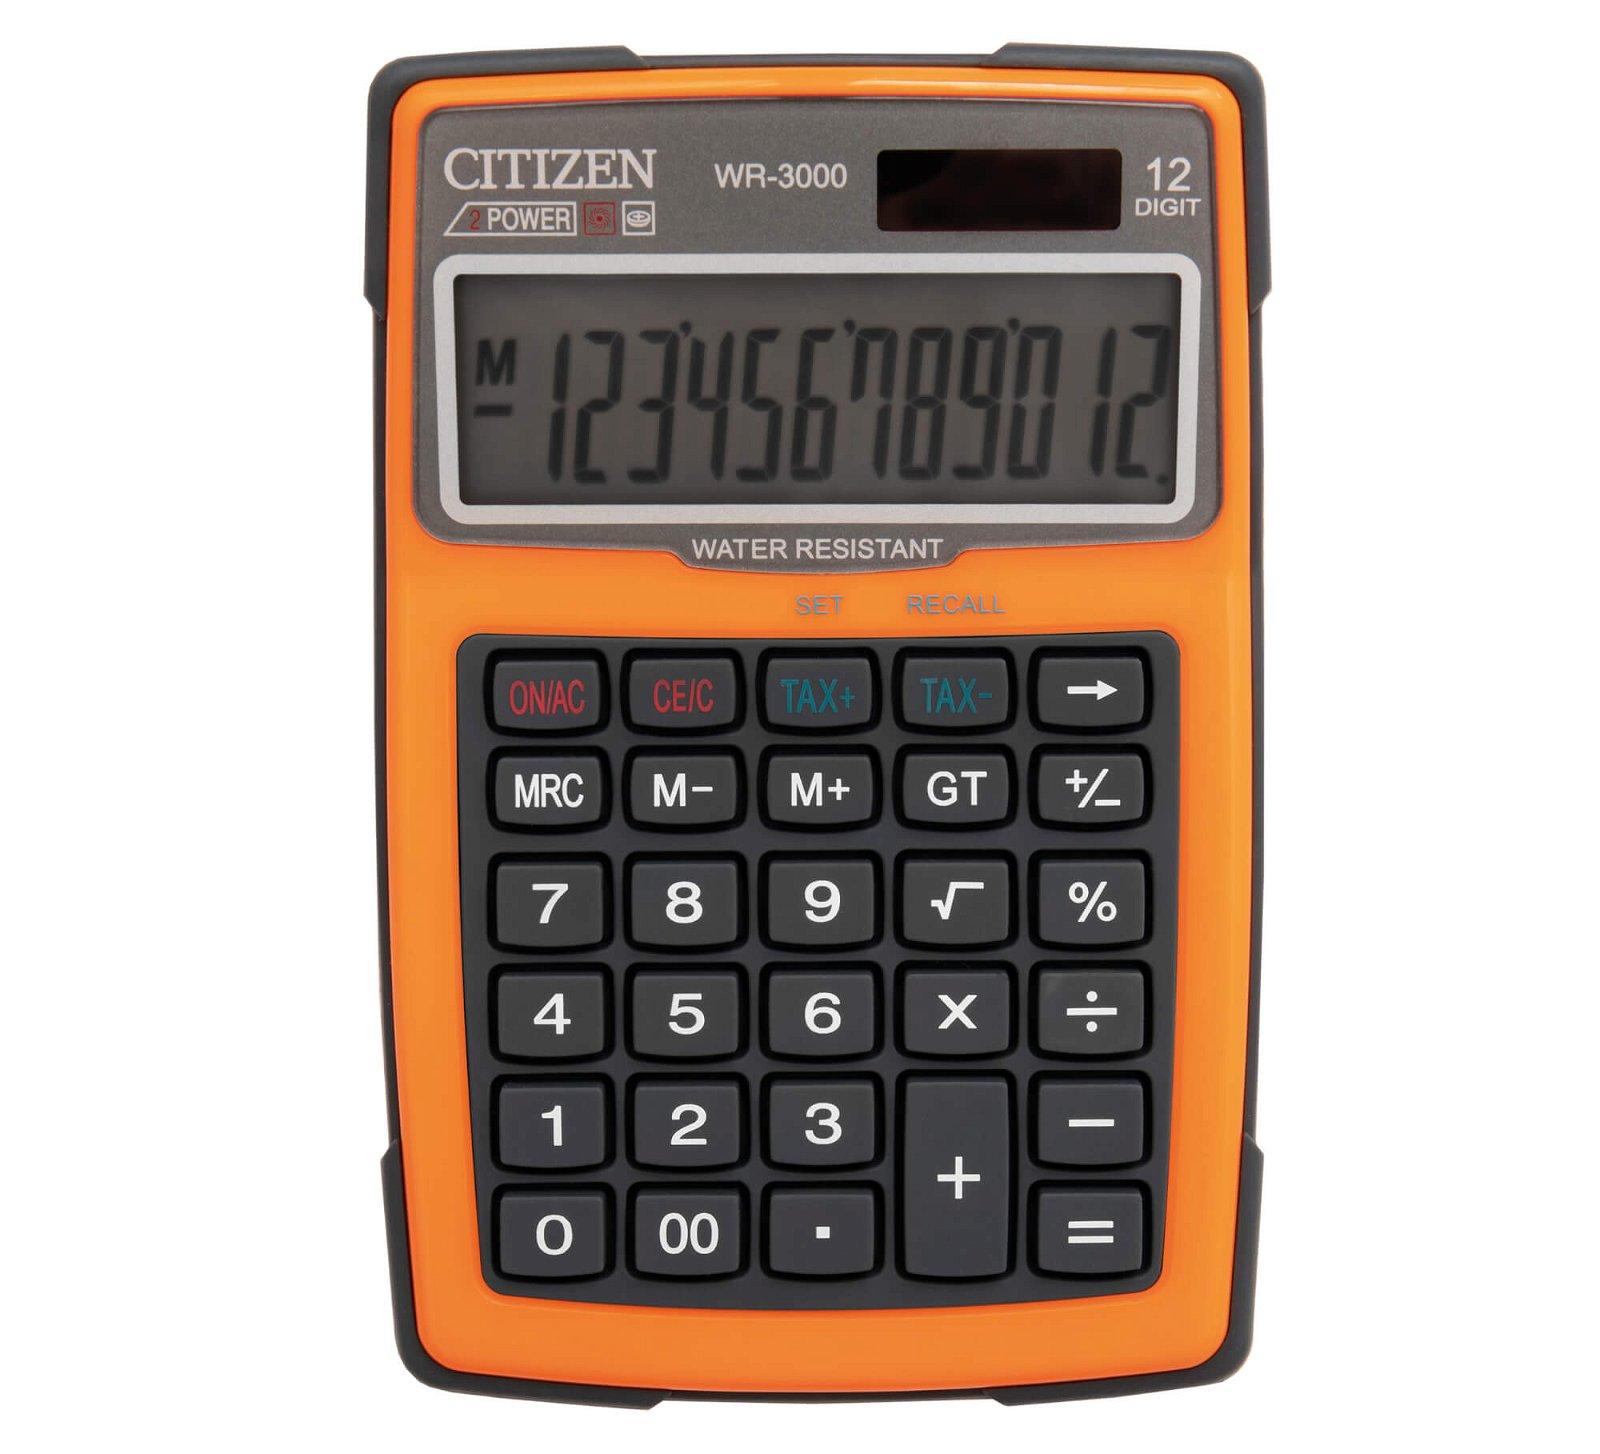 Tischrechner outdoor 3000, orange